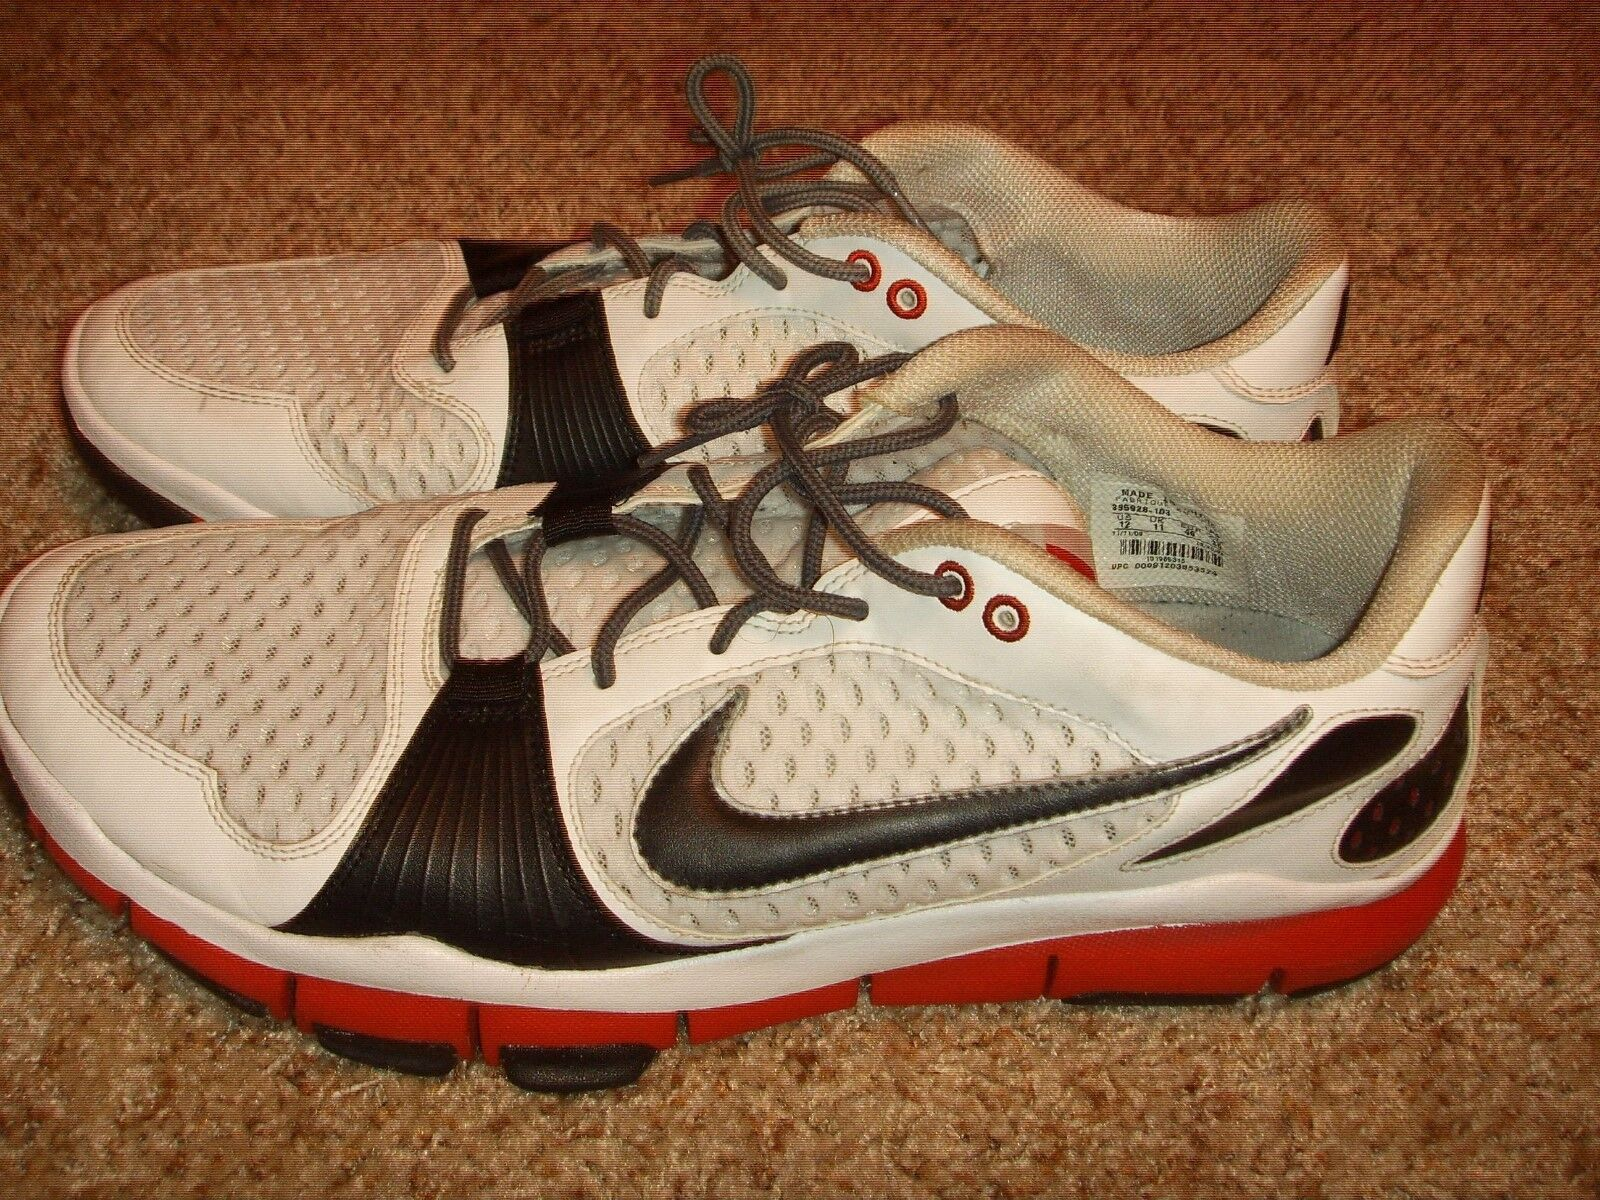 on sale 86f99 11e2d Nike Free TR rojo rojo rojo blanco negro zapatos de entrenamiento 395928  103 Hombre cómodo gran